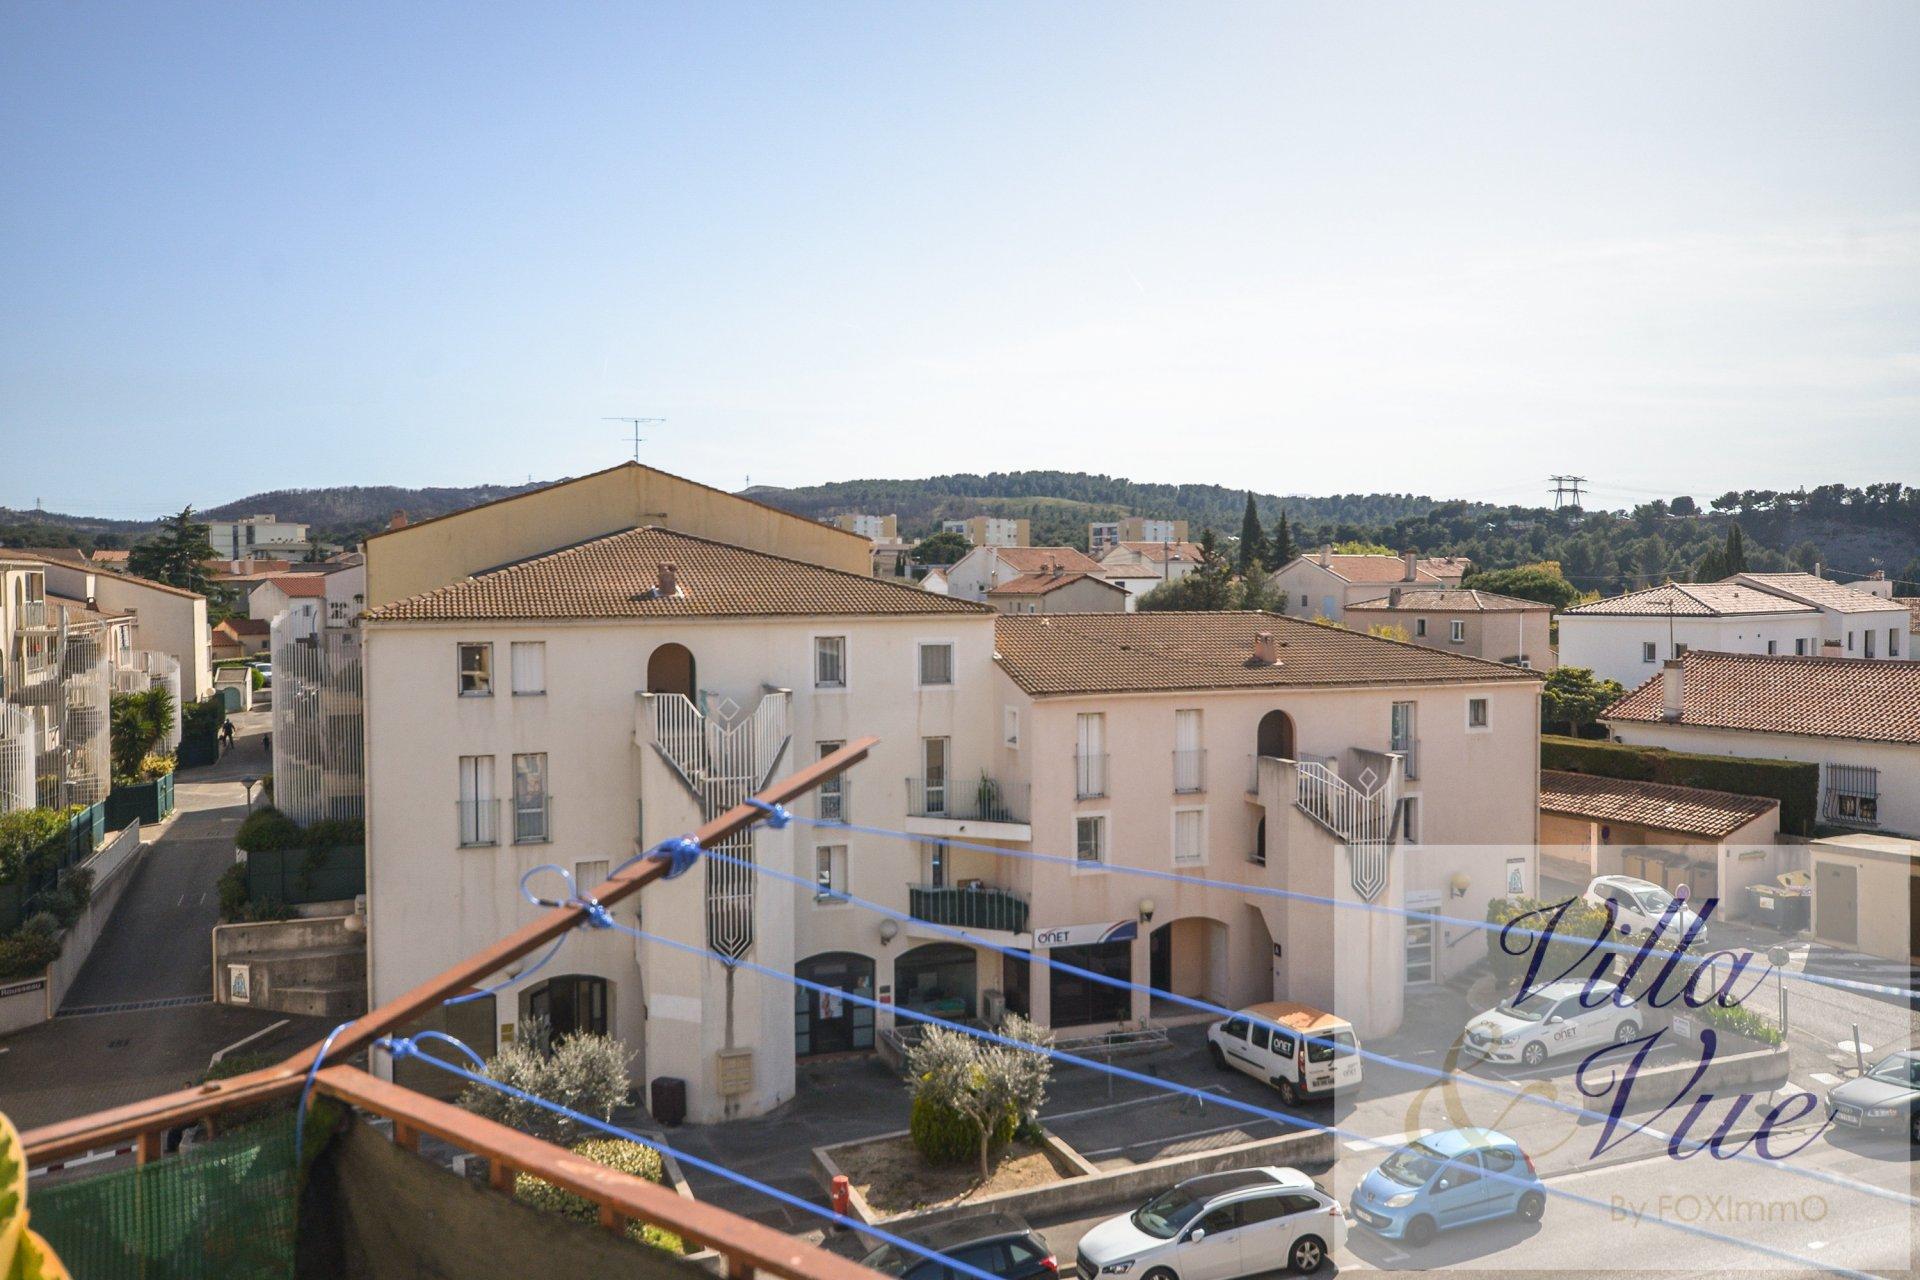 Martigues, 3 pièces , balcon, parking, calme, proche centre